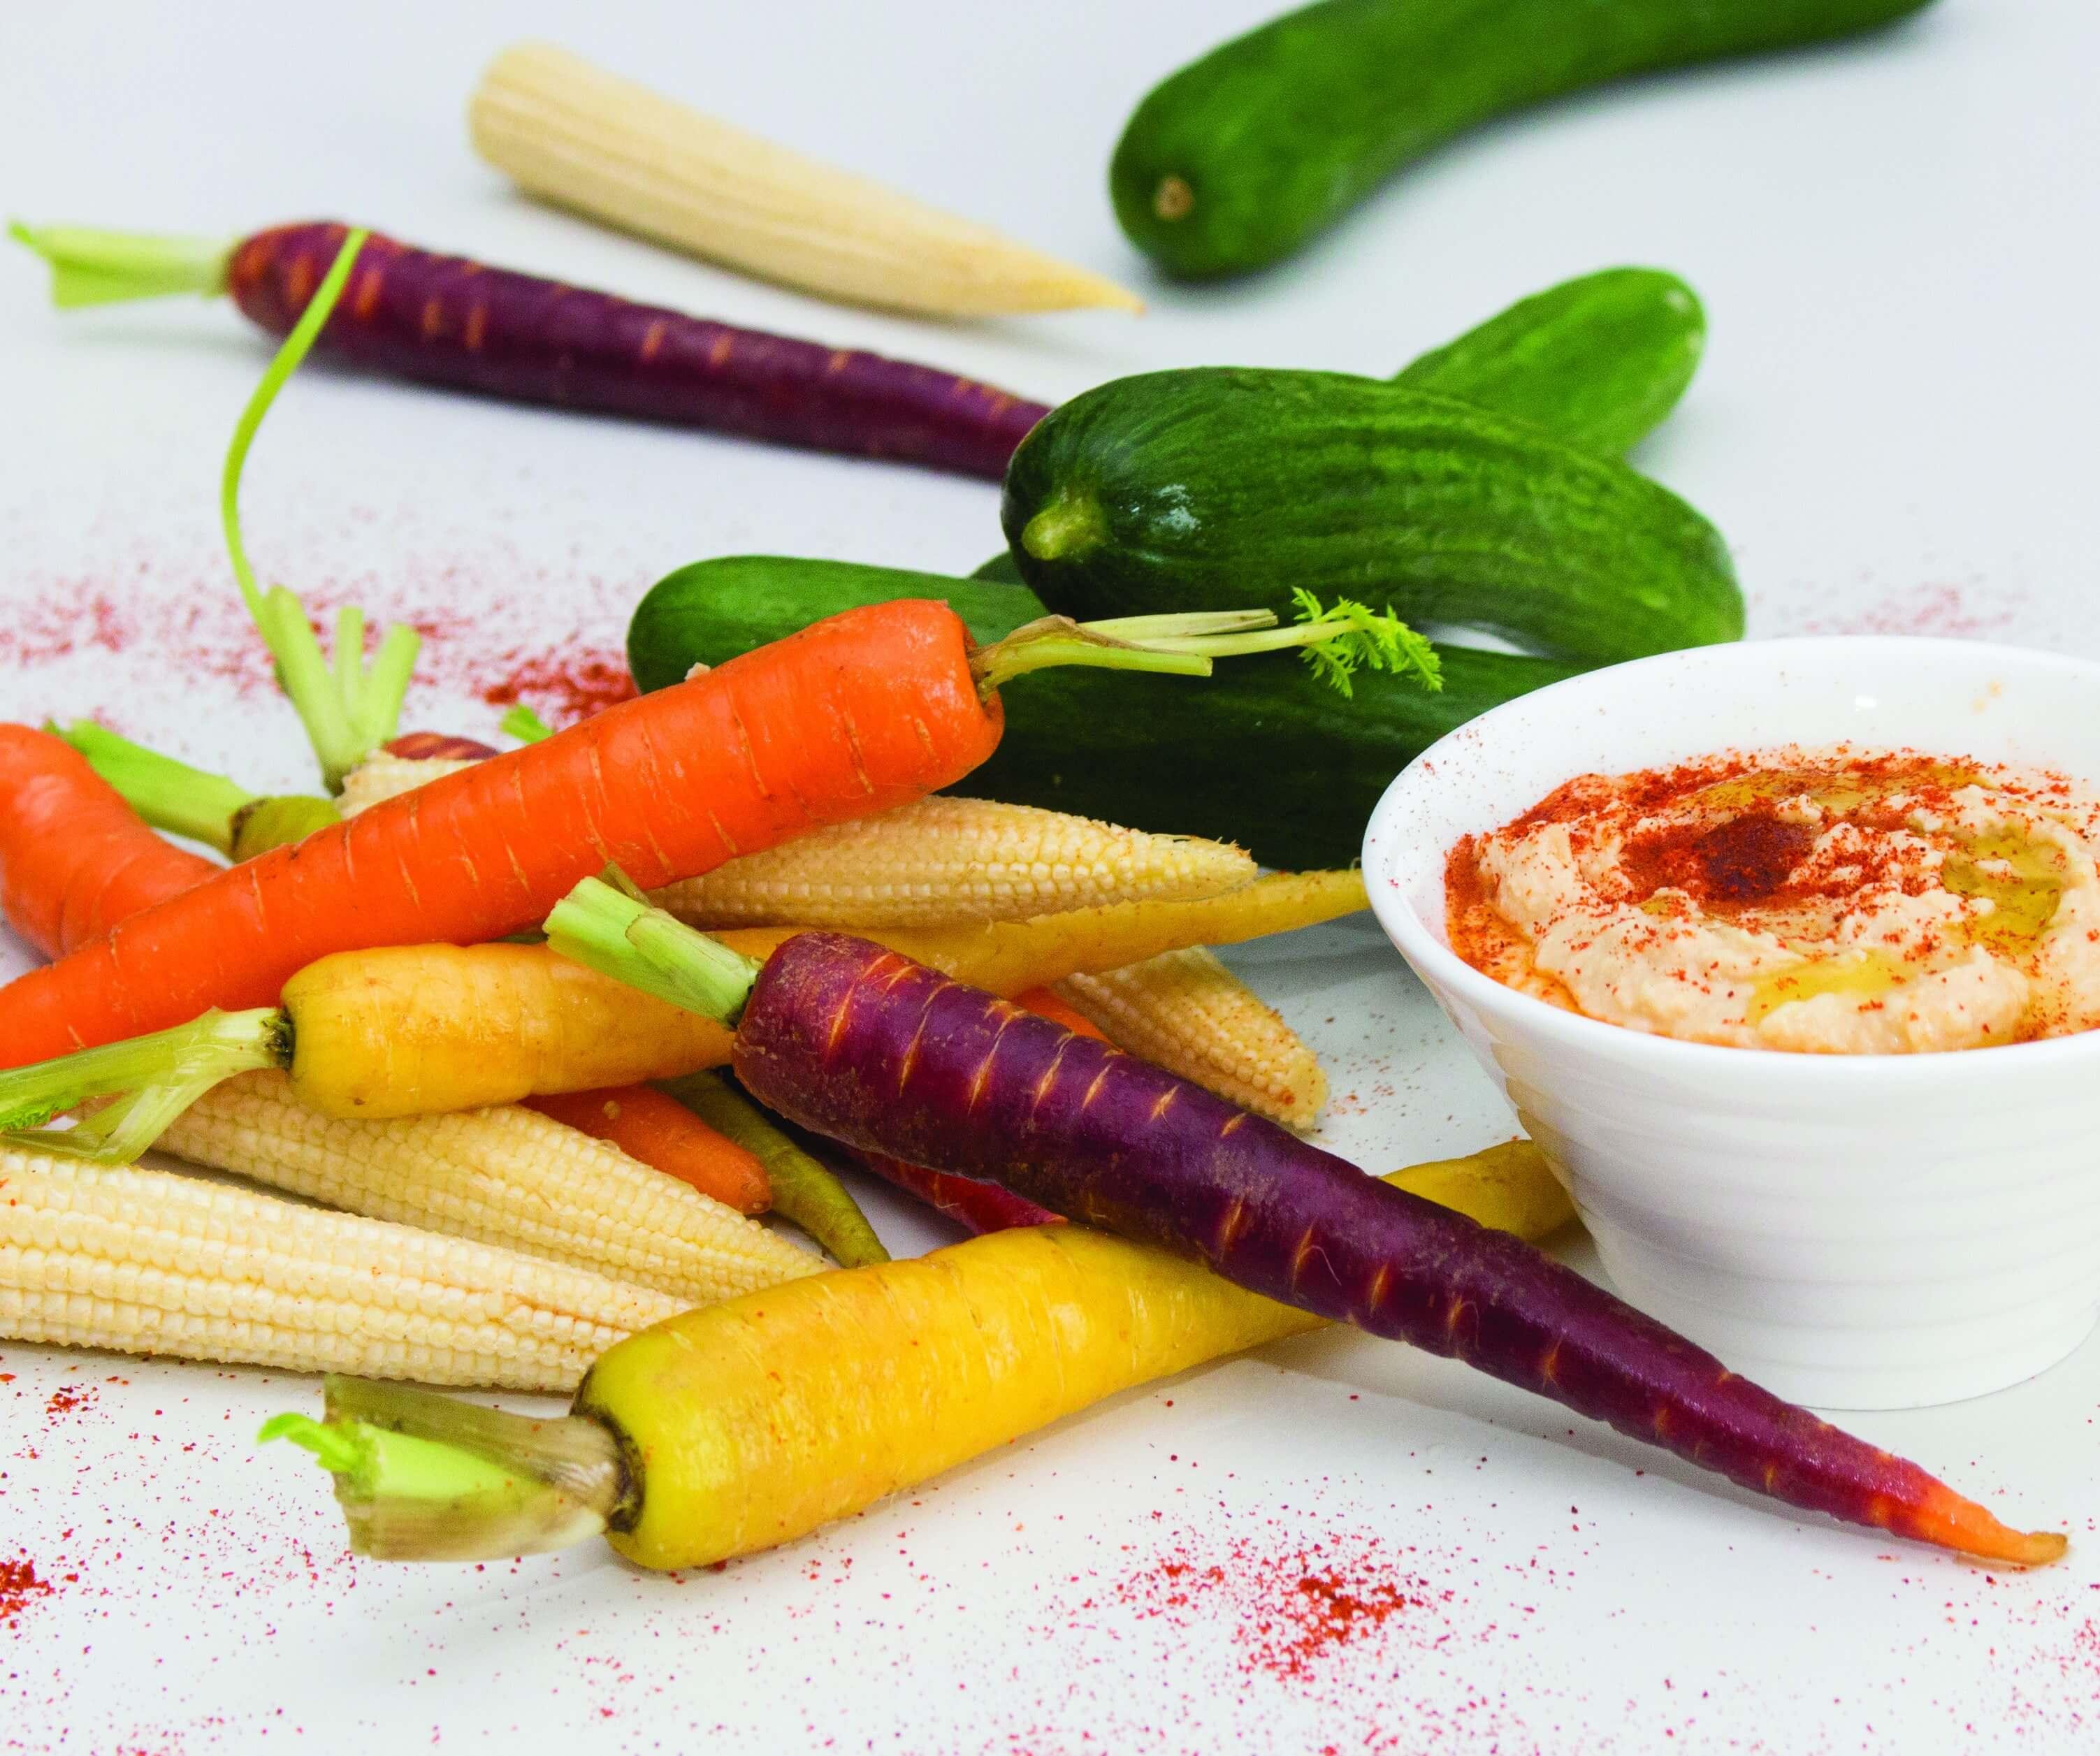 foodloversmauritius.com